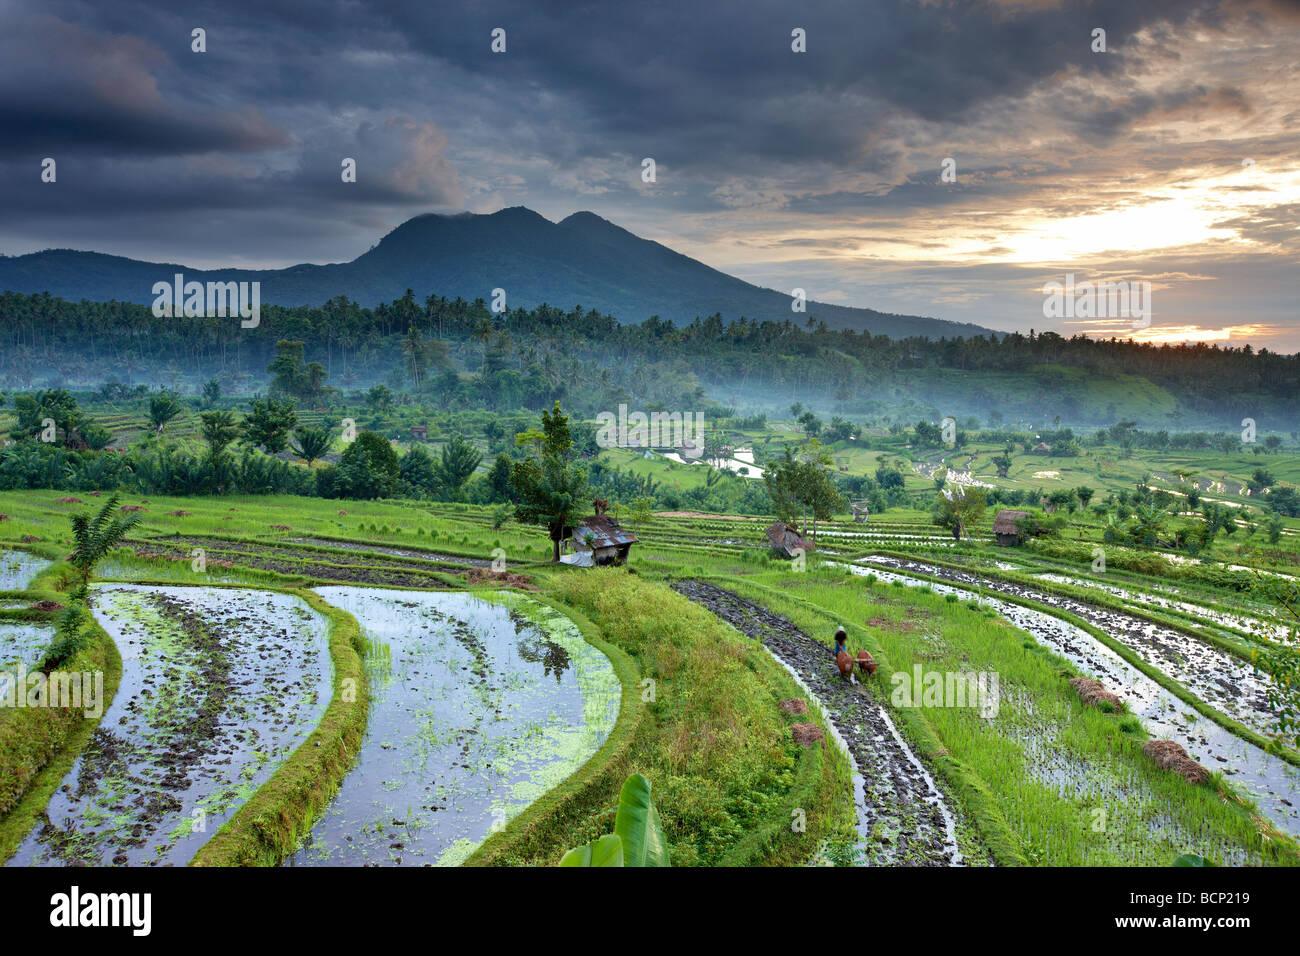 Ox conduit à la charrue les rizières en terrasses nr Tirtagangga à l'aube avec le pic volcanique de Lempuyang Gunung, Banque D'Images